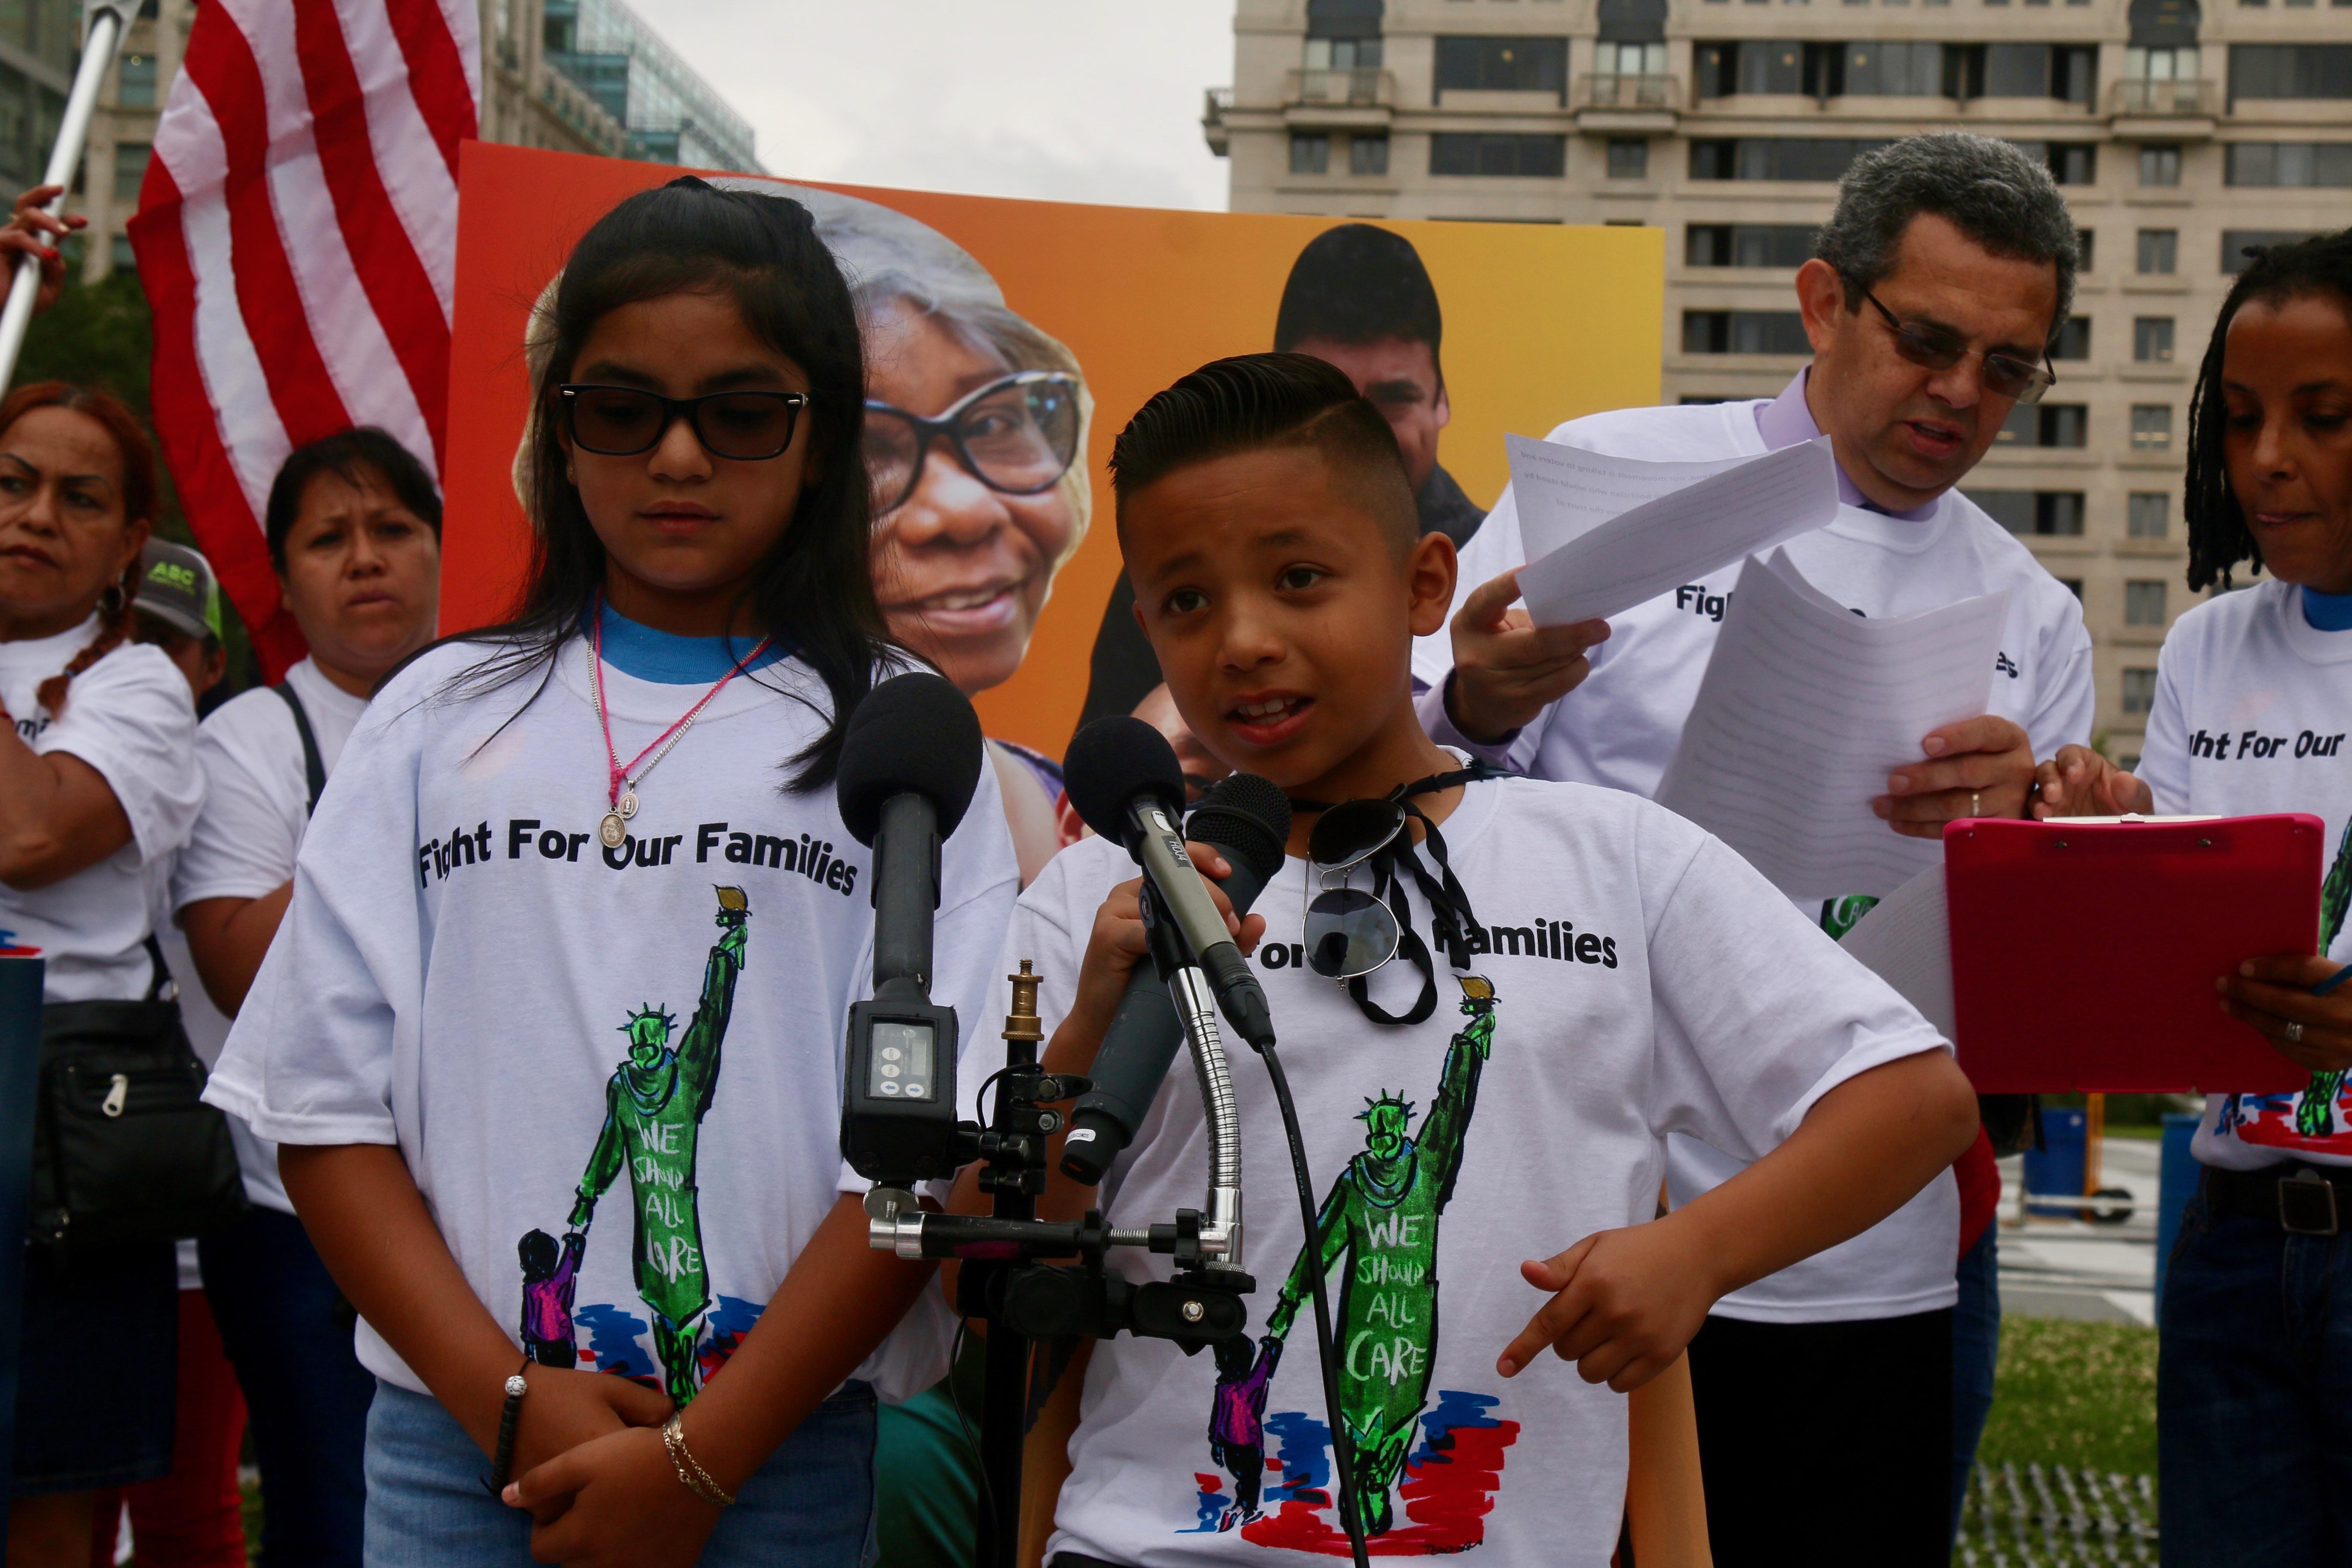 El niño de 10 años, Izayah Savero resume con mucha emoción el drama de los menores separados.